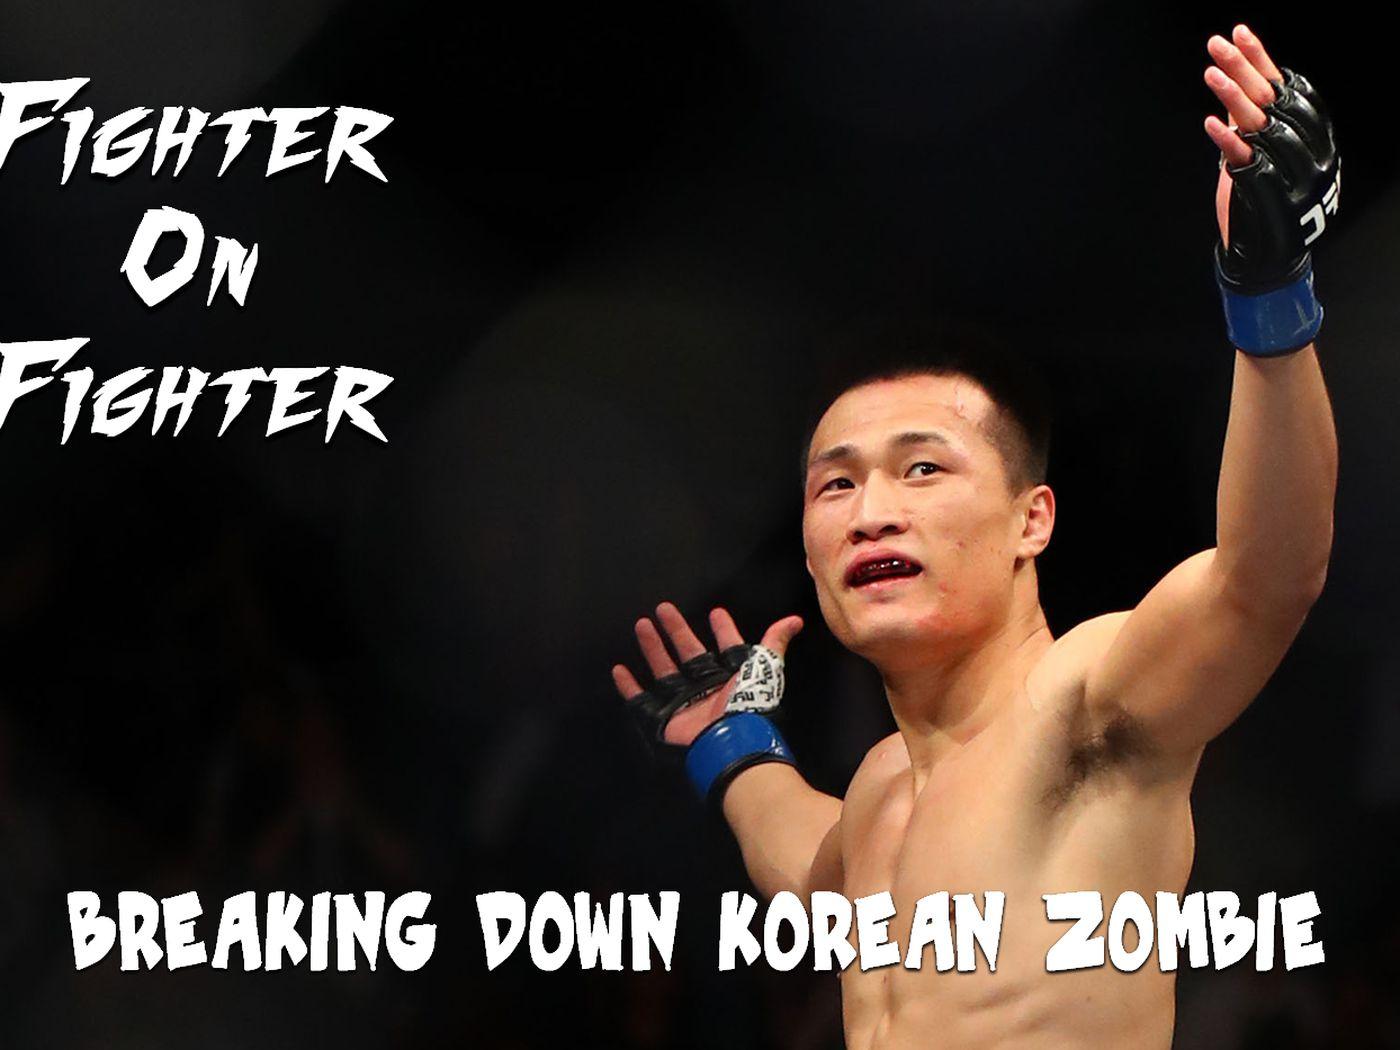 korean zombie